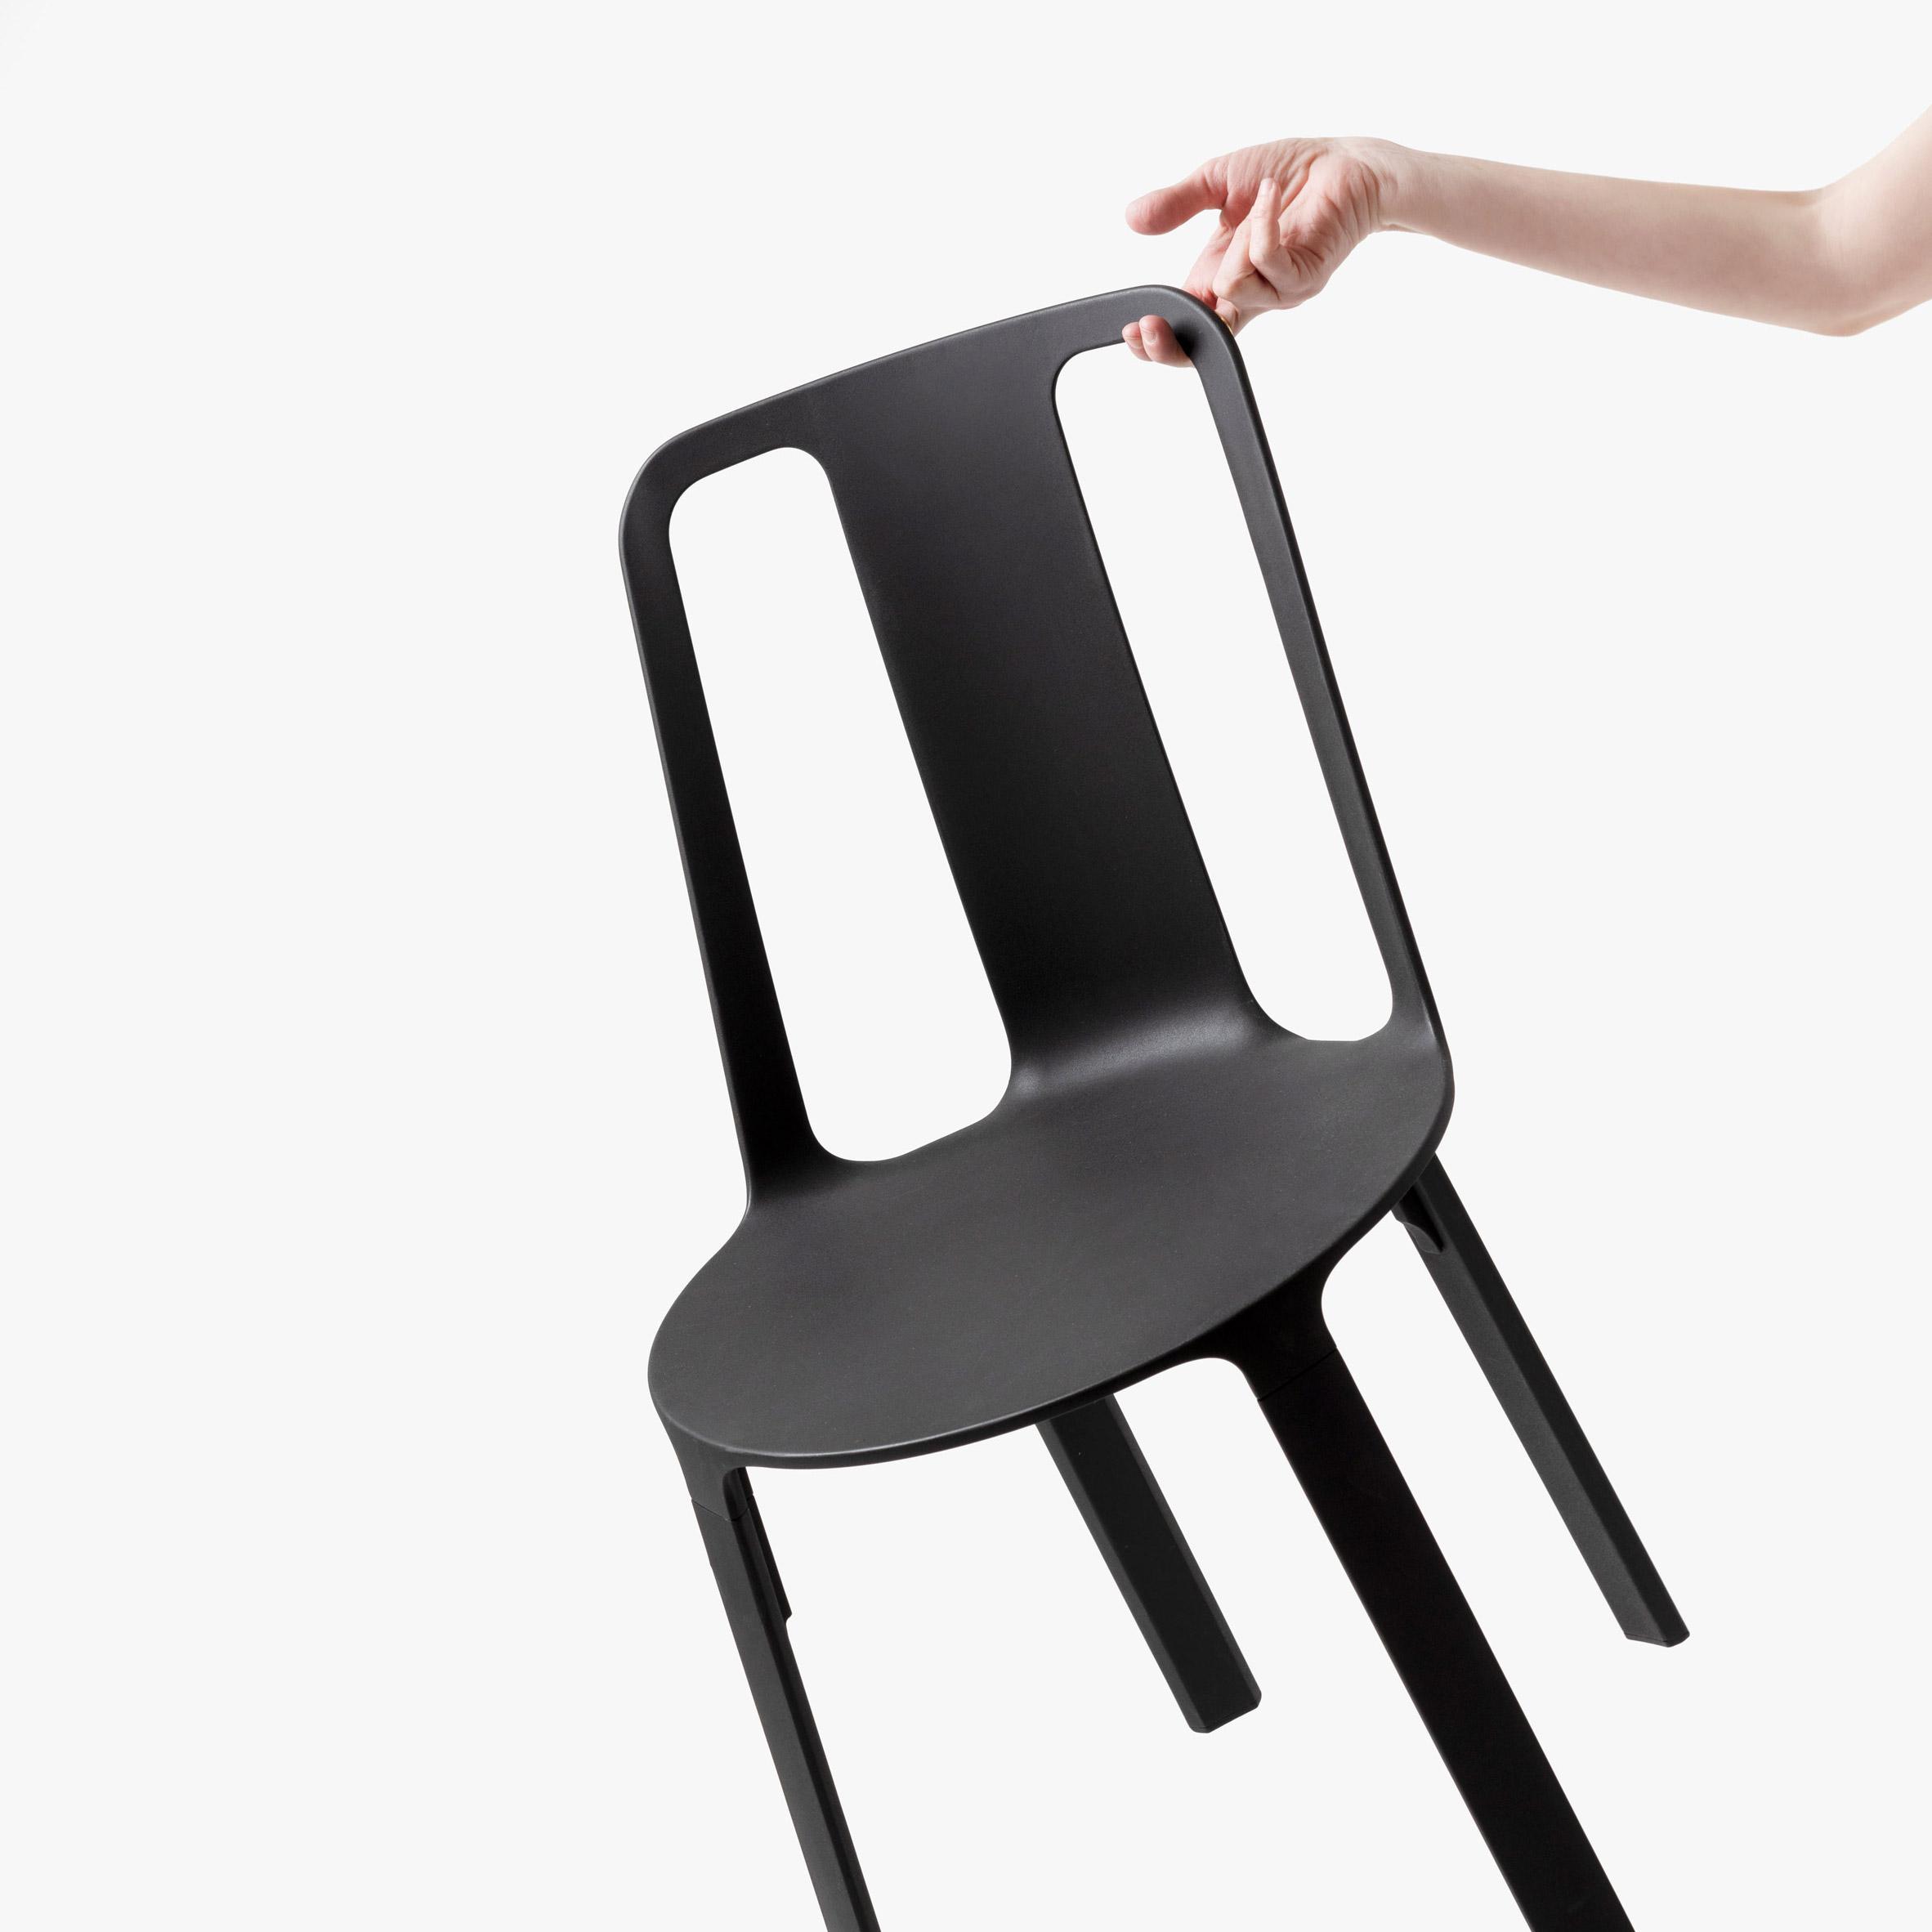 Vela-chair_dezeen_sq2.jpg